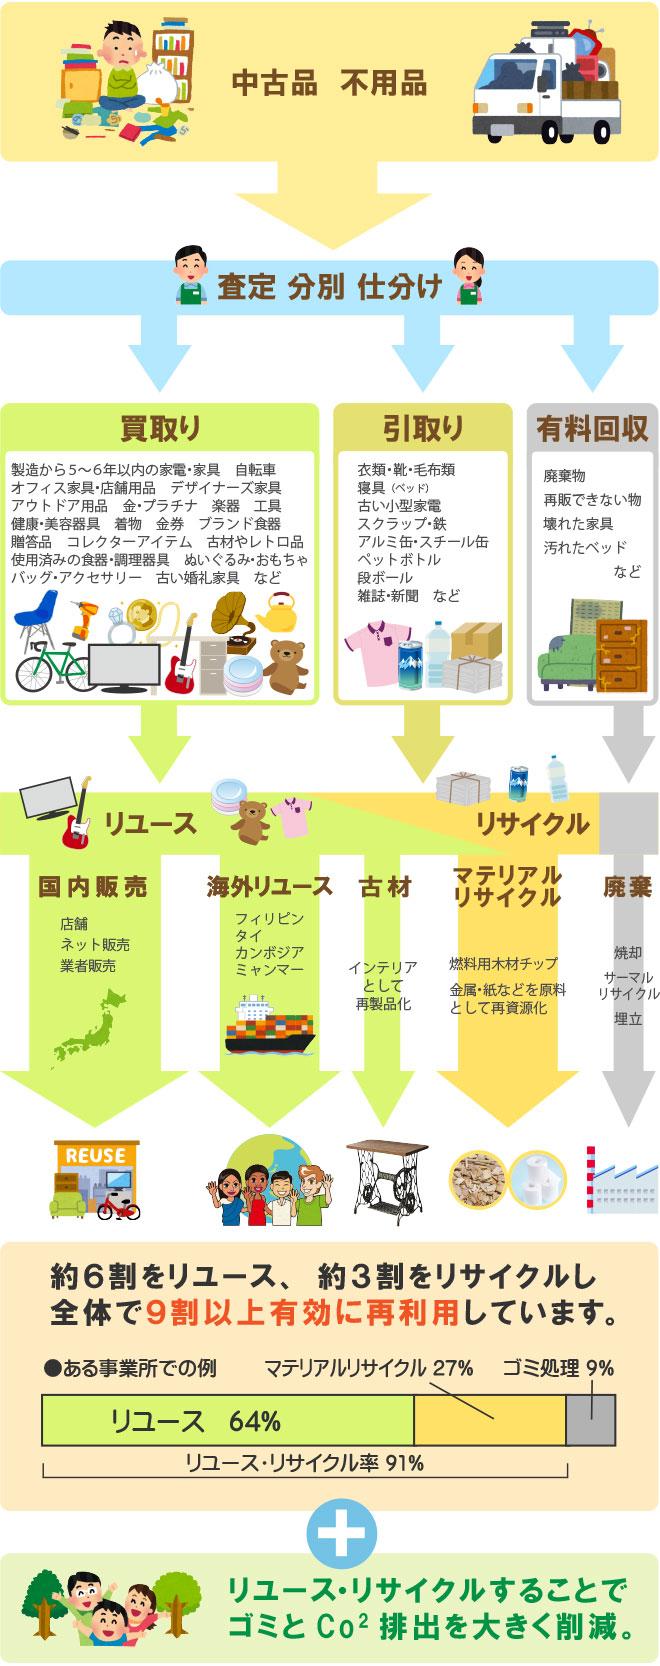 リユース・リサイクルの流れ